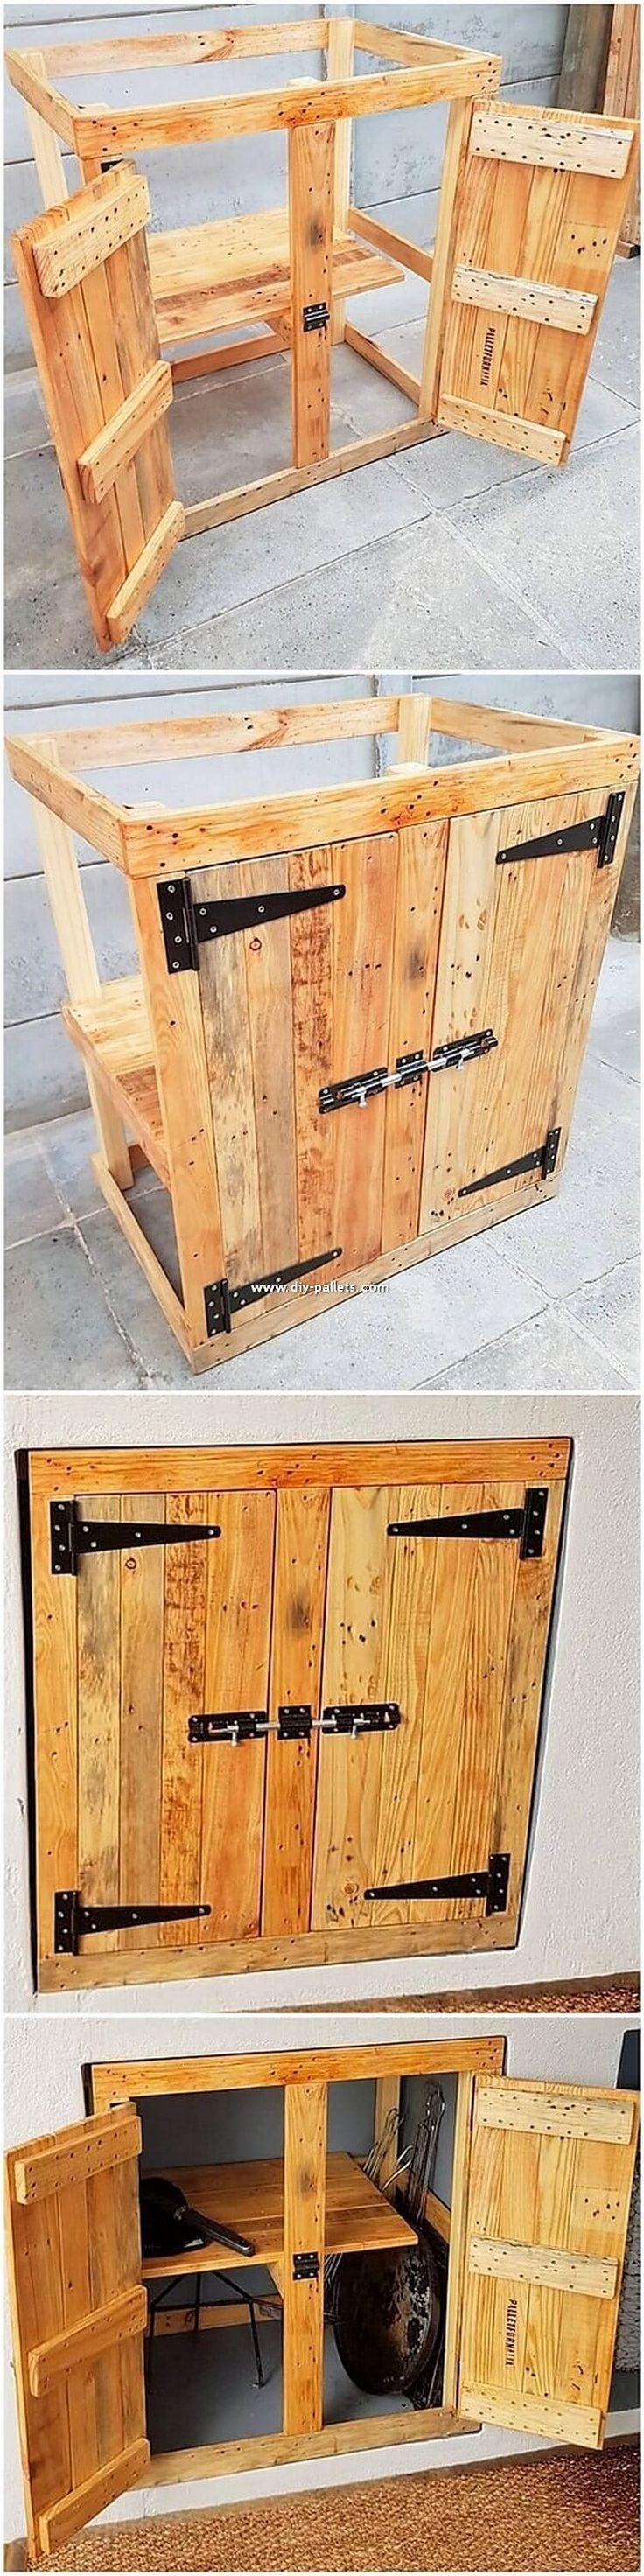 Nun, es ist richtig gesagt, dass Holzpalette ein solches Material ist, das Sie verwenden können …  #gesagt #holzpalette #konnen #material